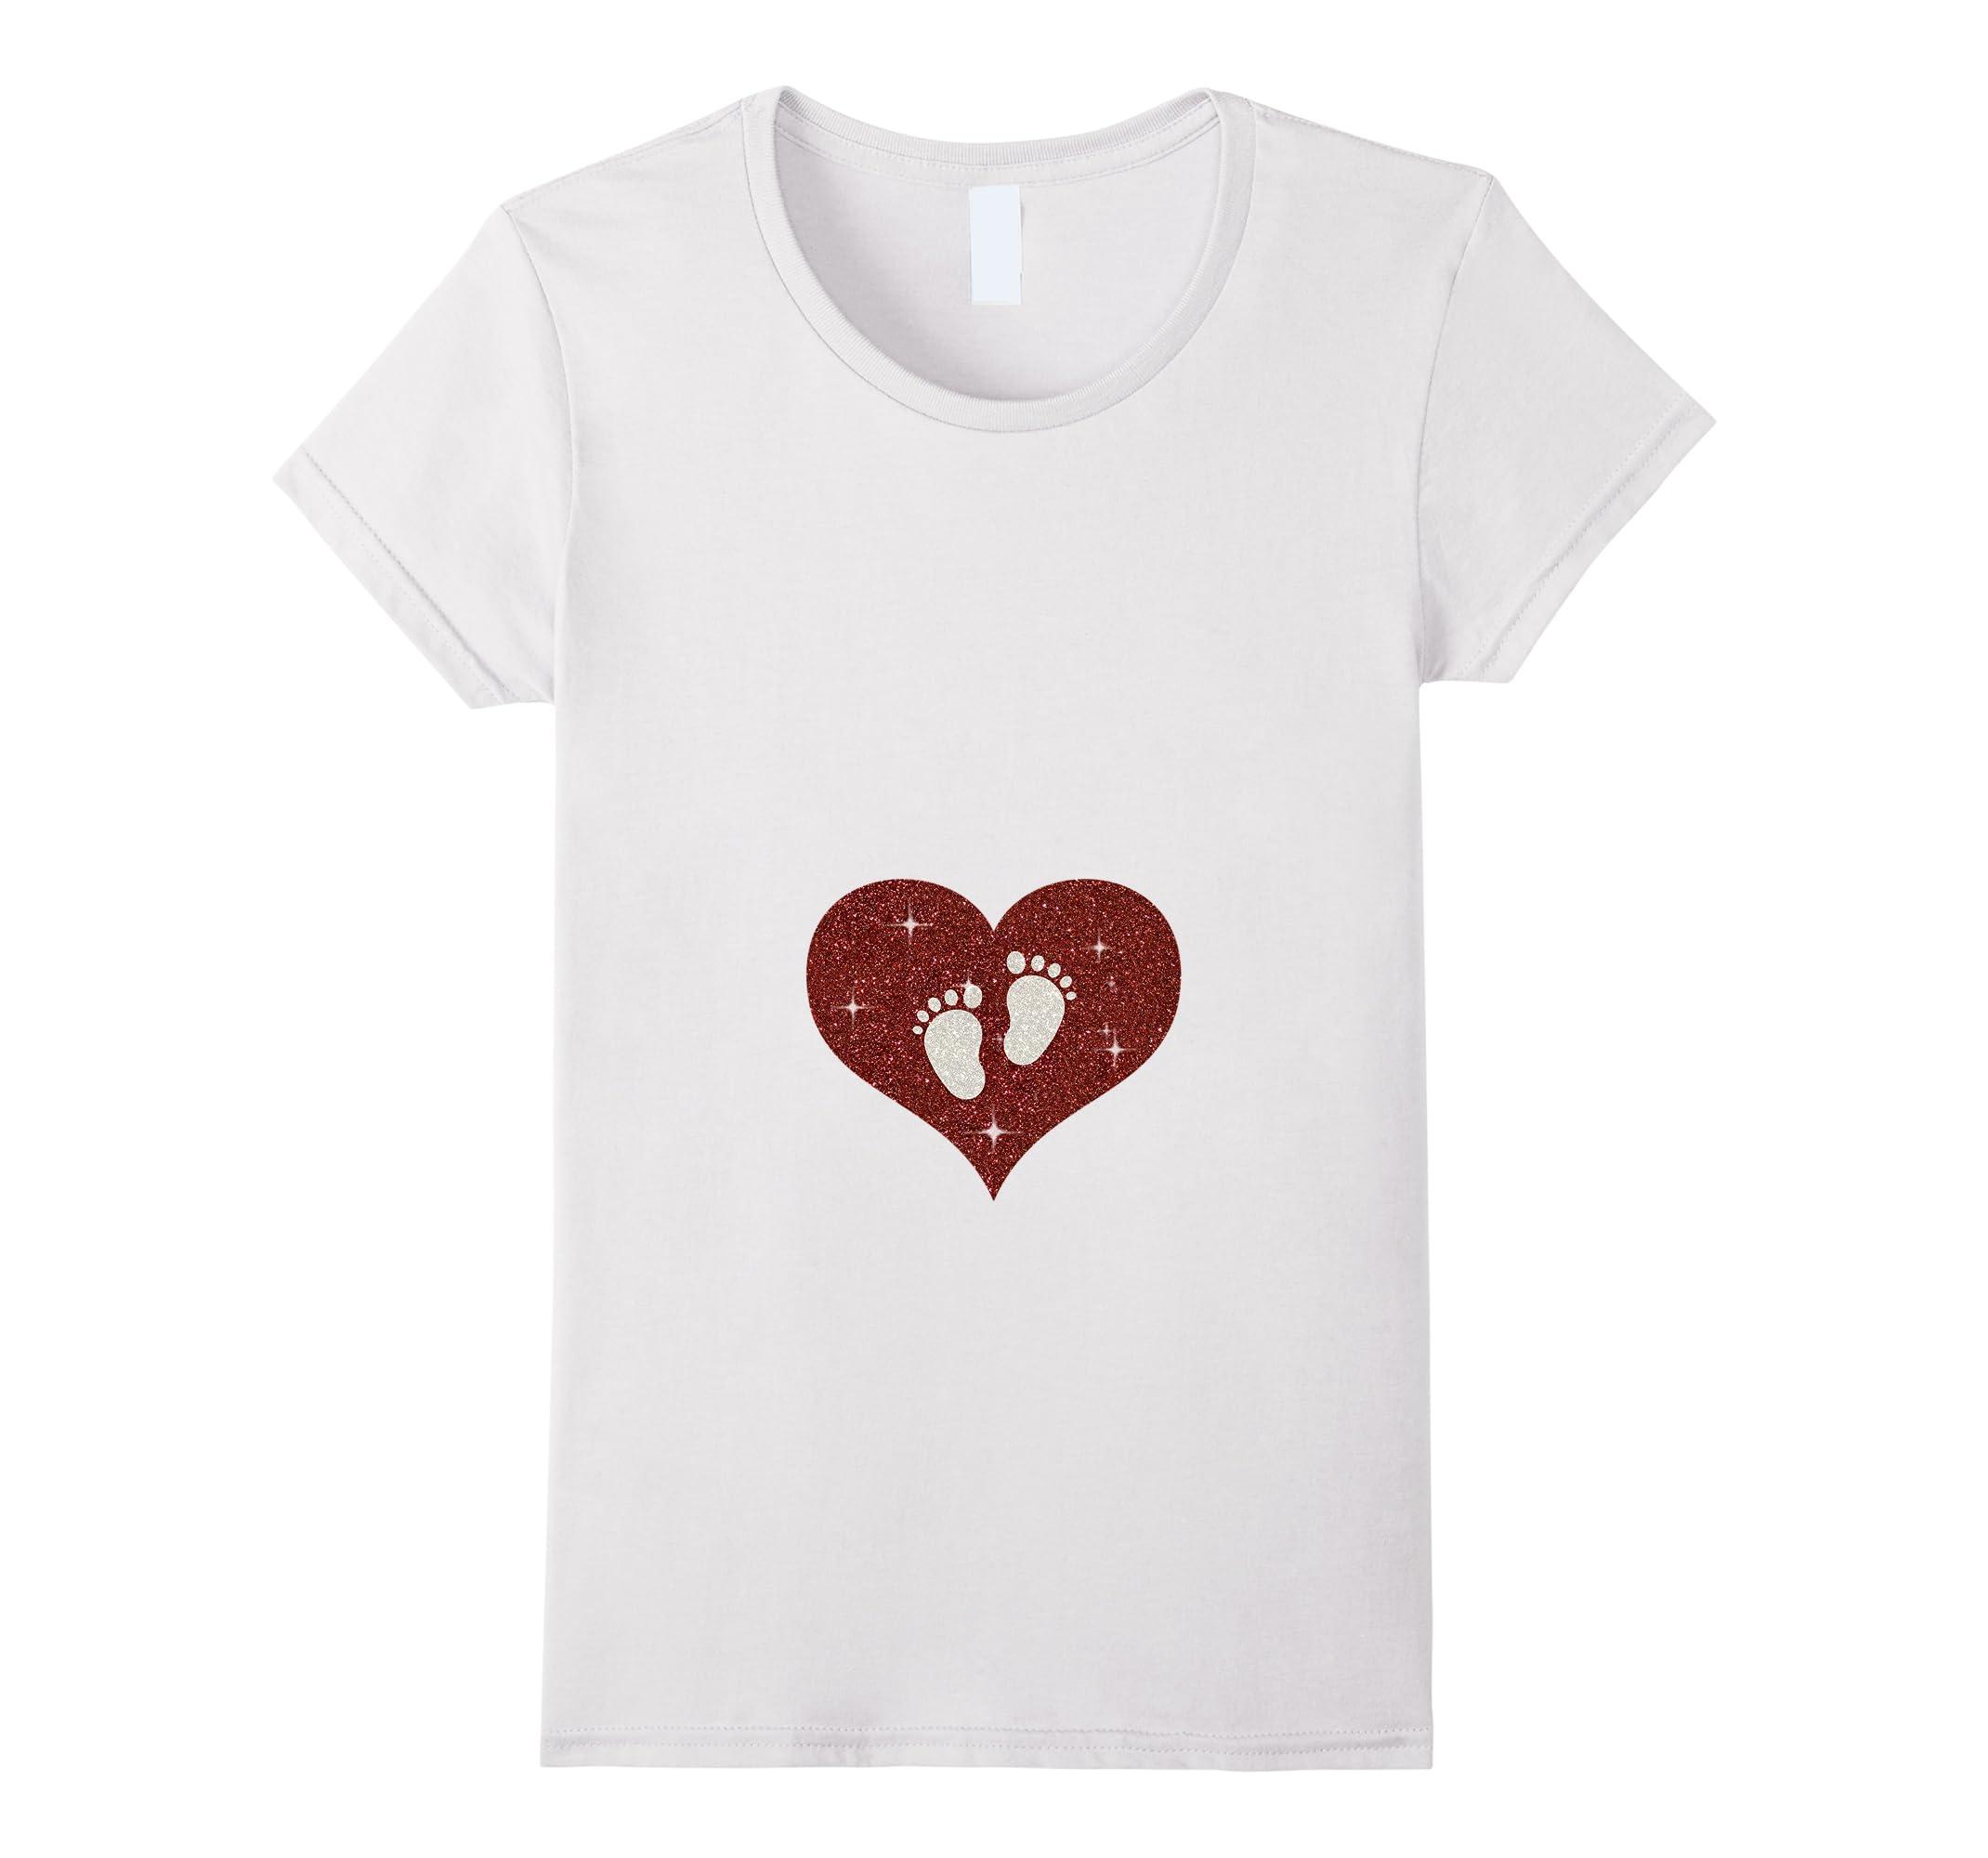 25e9abc95020c Womens Valentine Heart Baby Feet Tee Pregnancy Announcement T Shirt ...